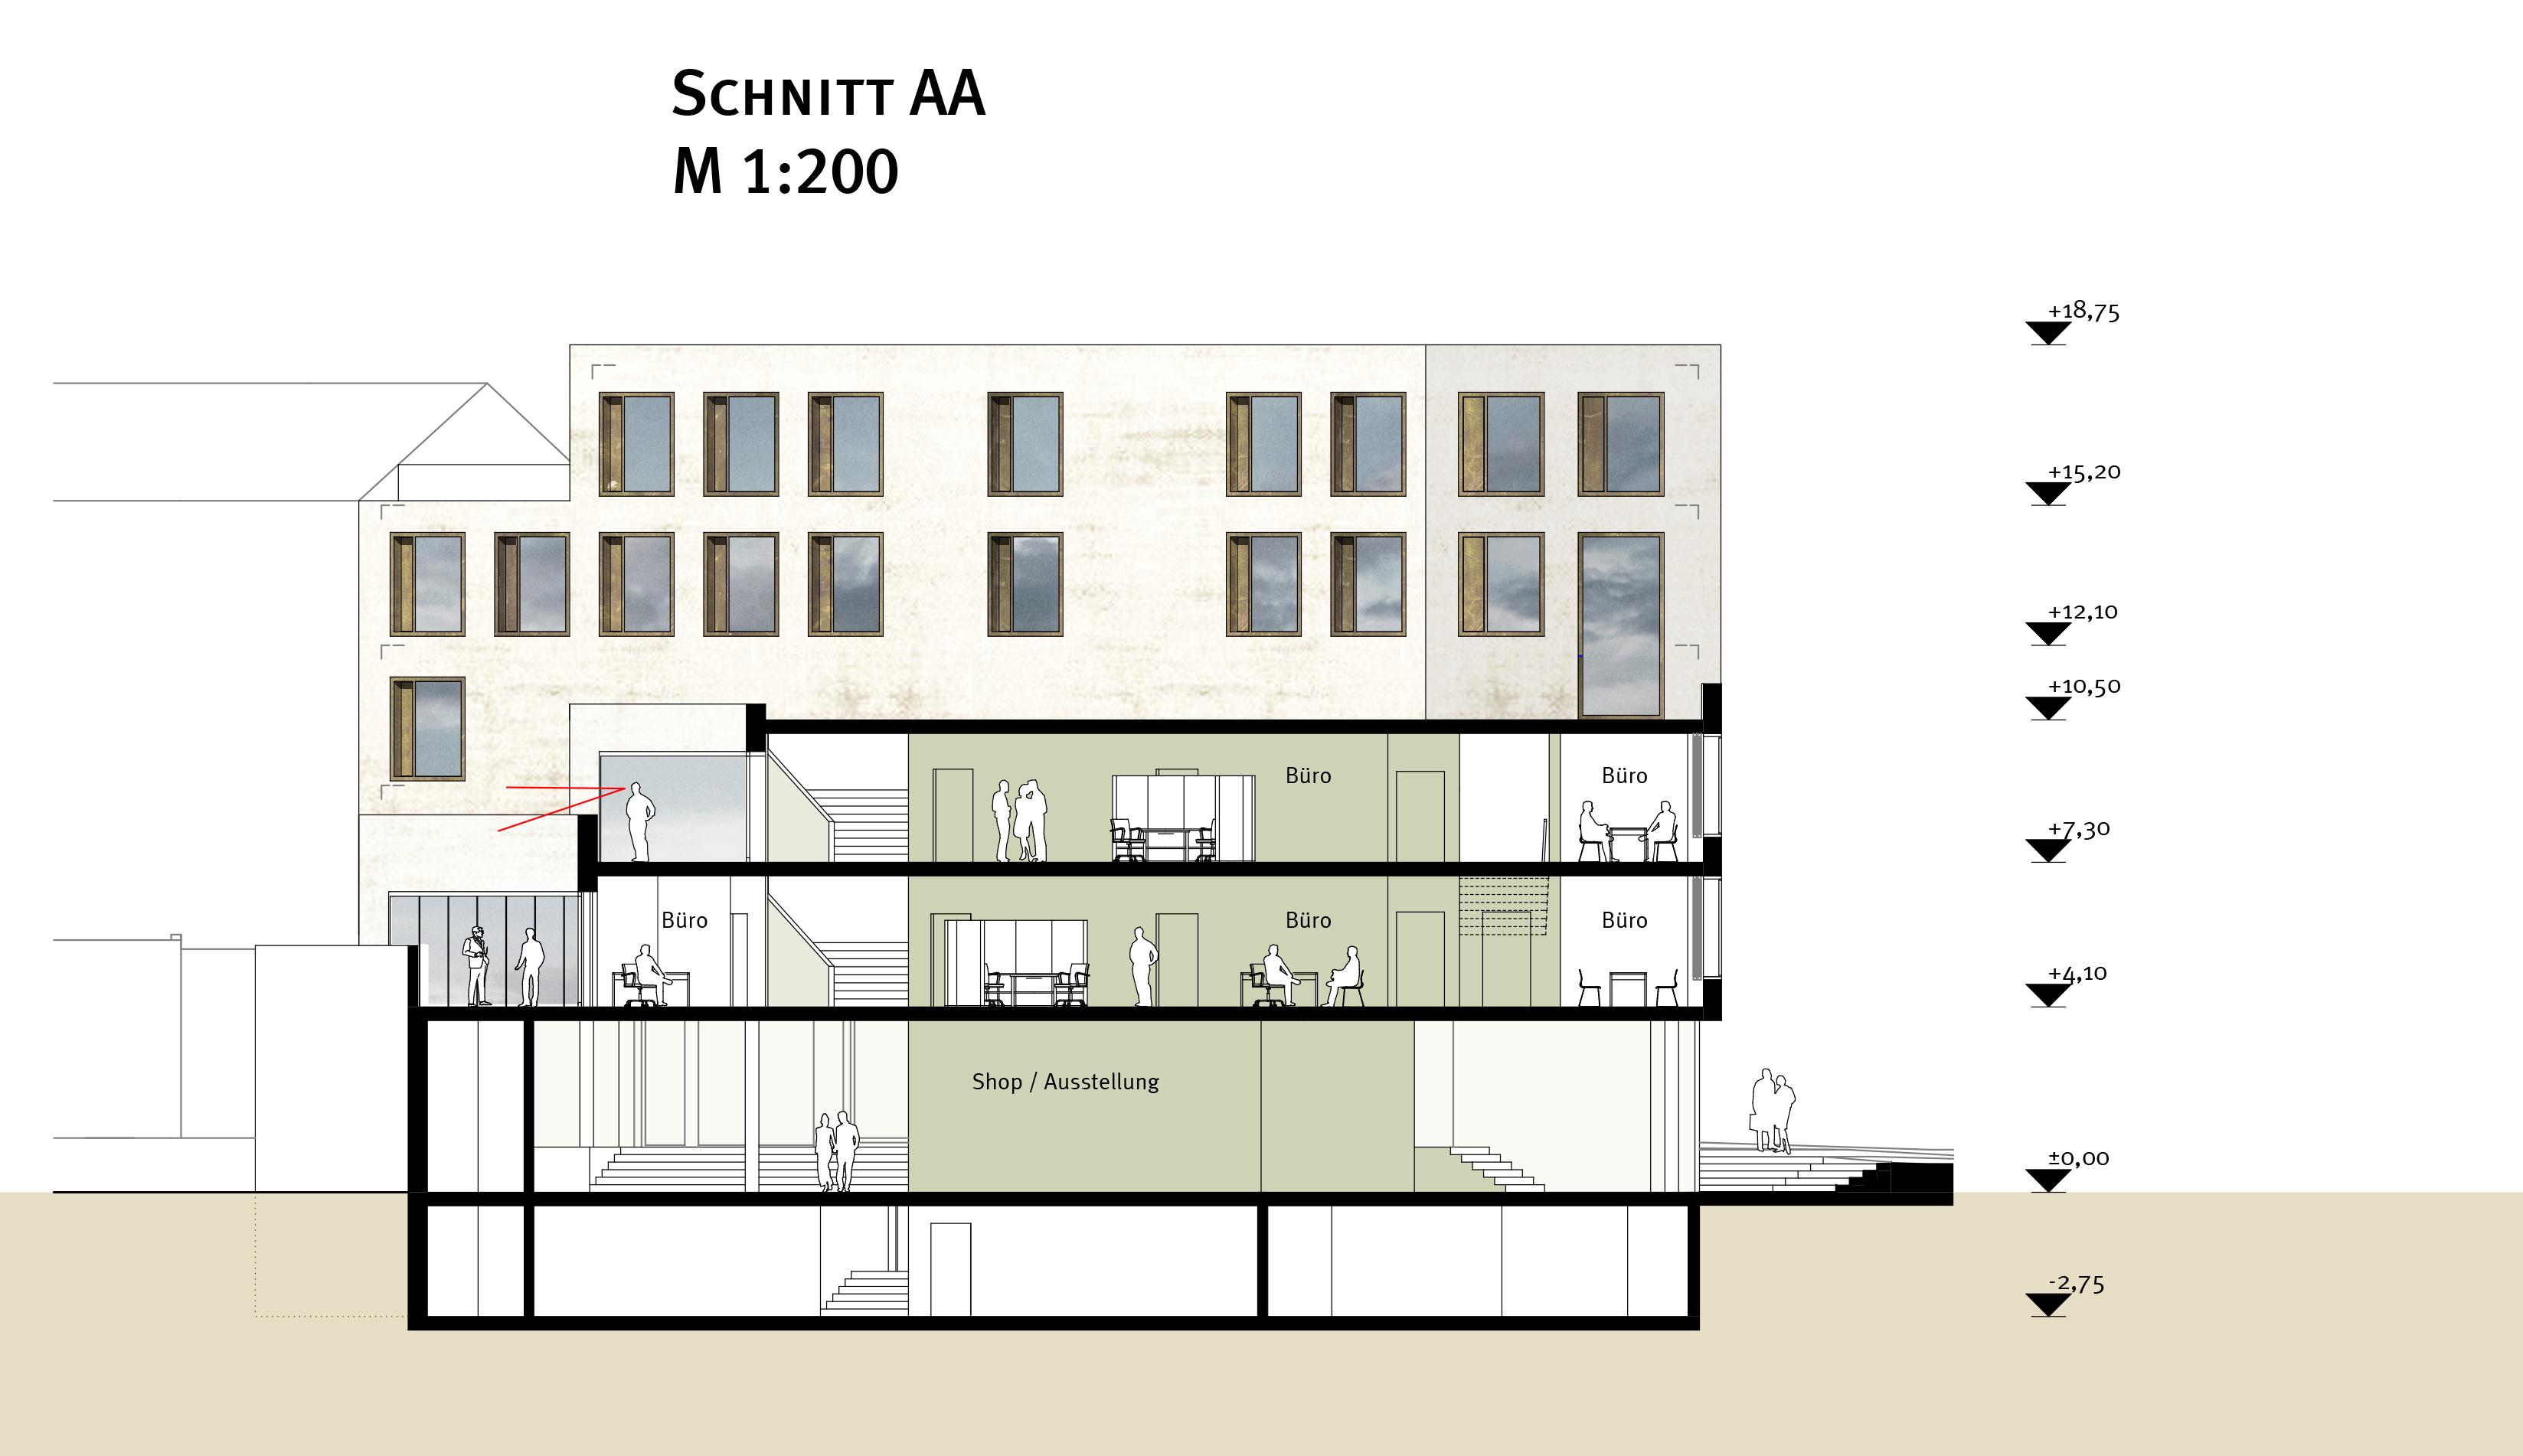 studioinges, Saladin-Eck, Darmstadt 2015 ff., Schnitt AA, Abb.: studioinges